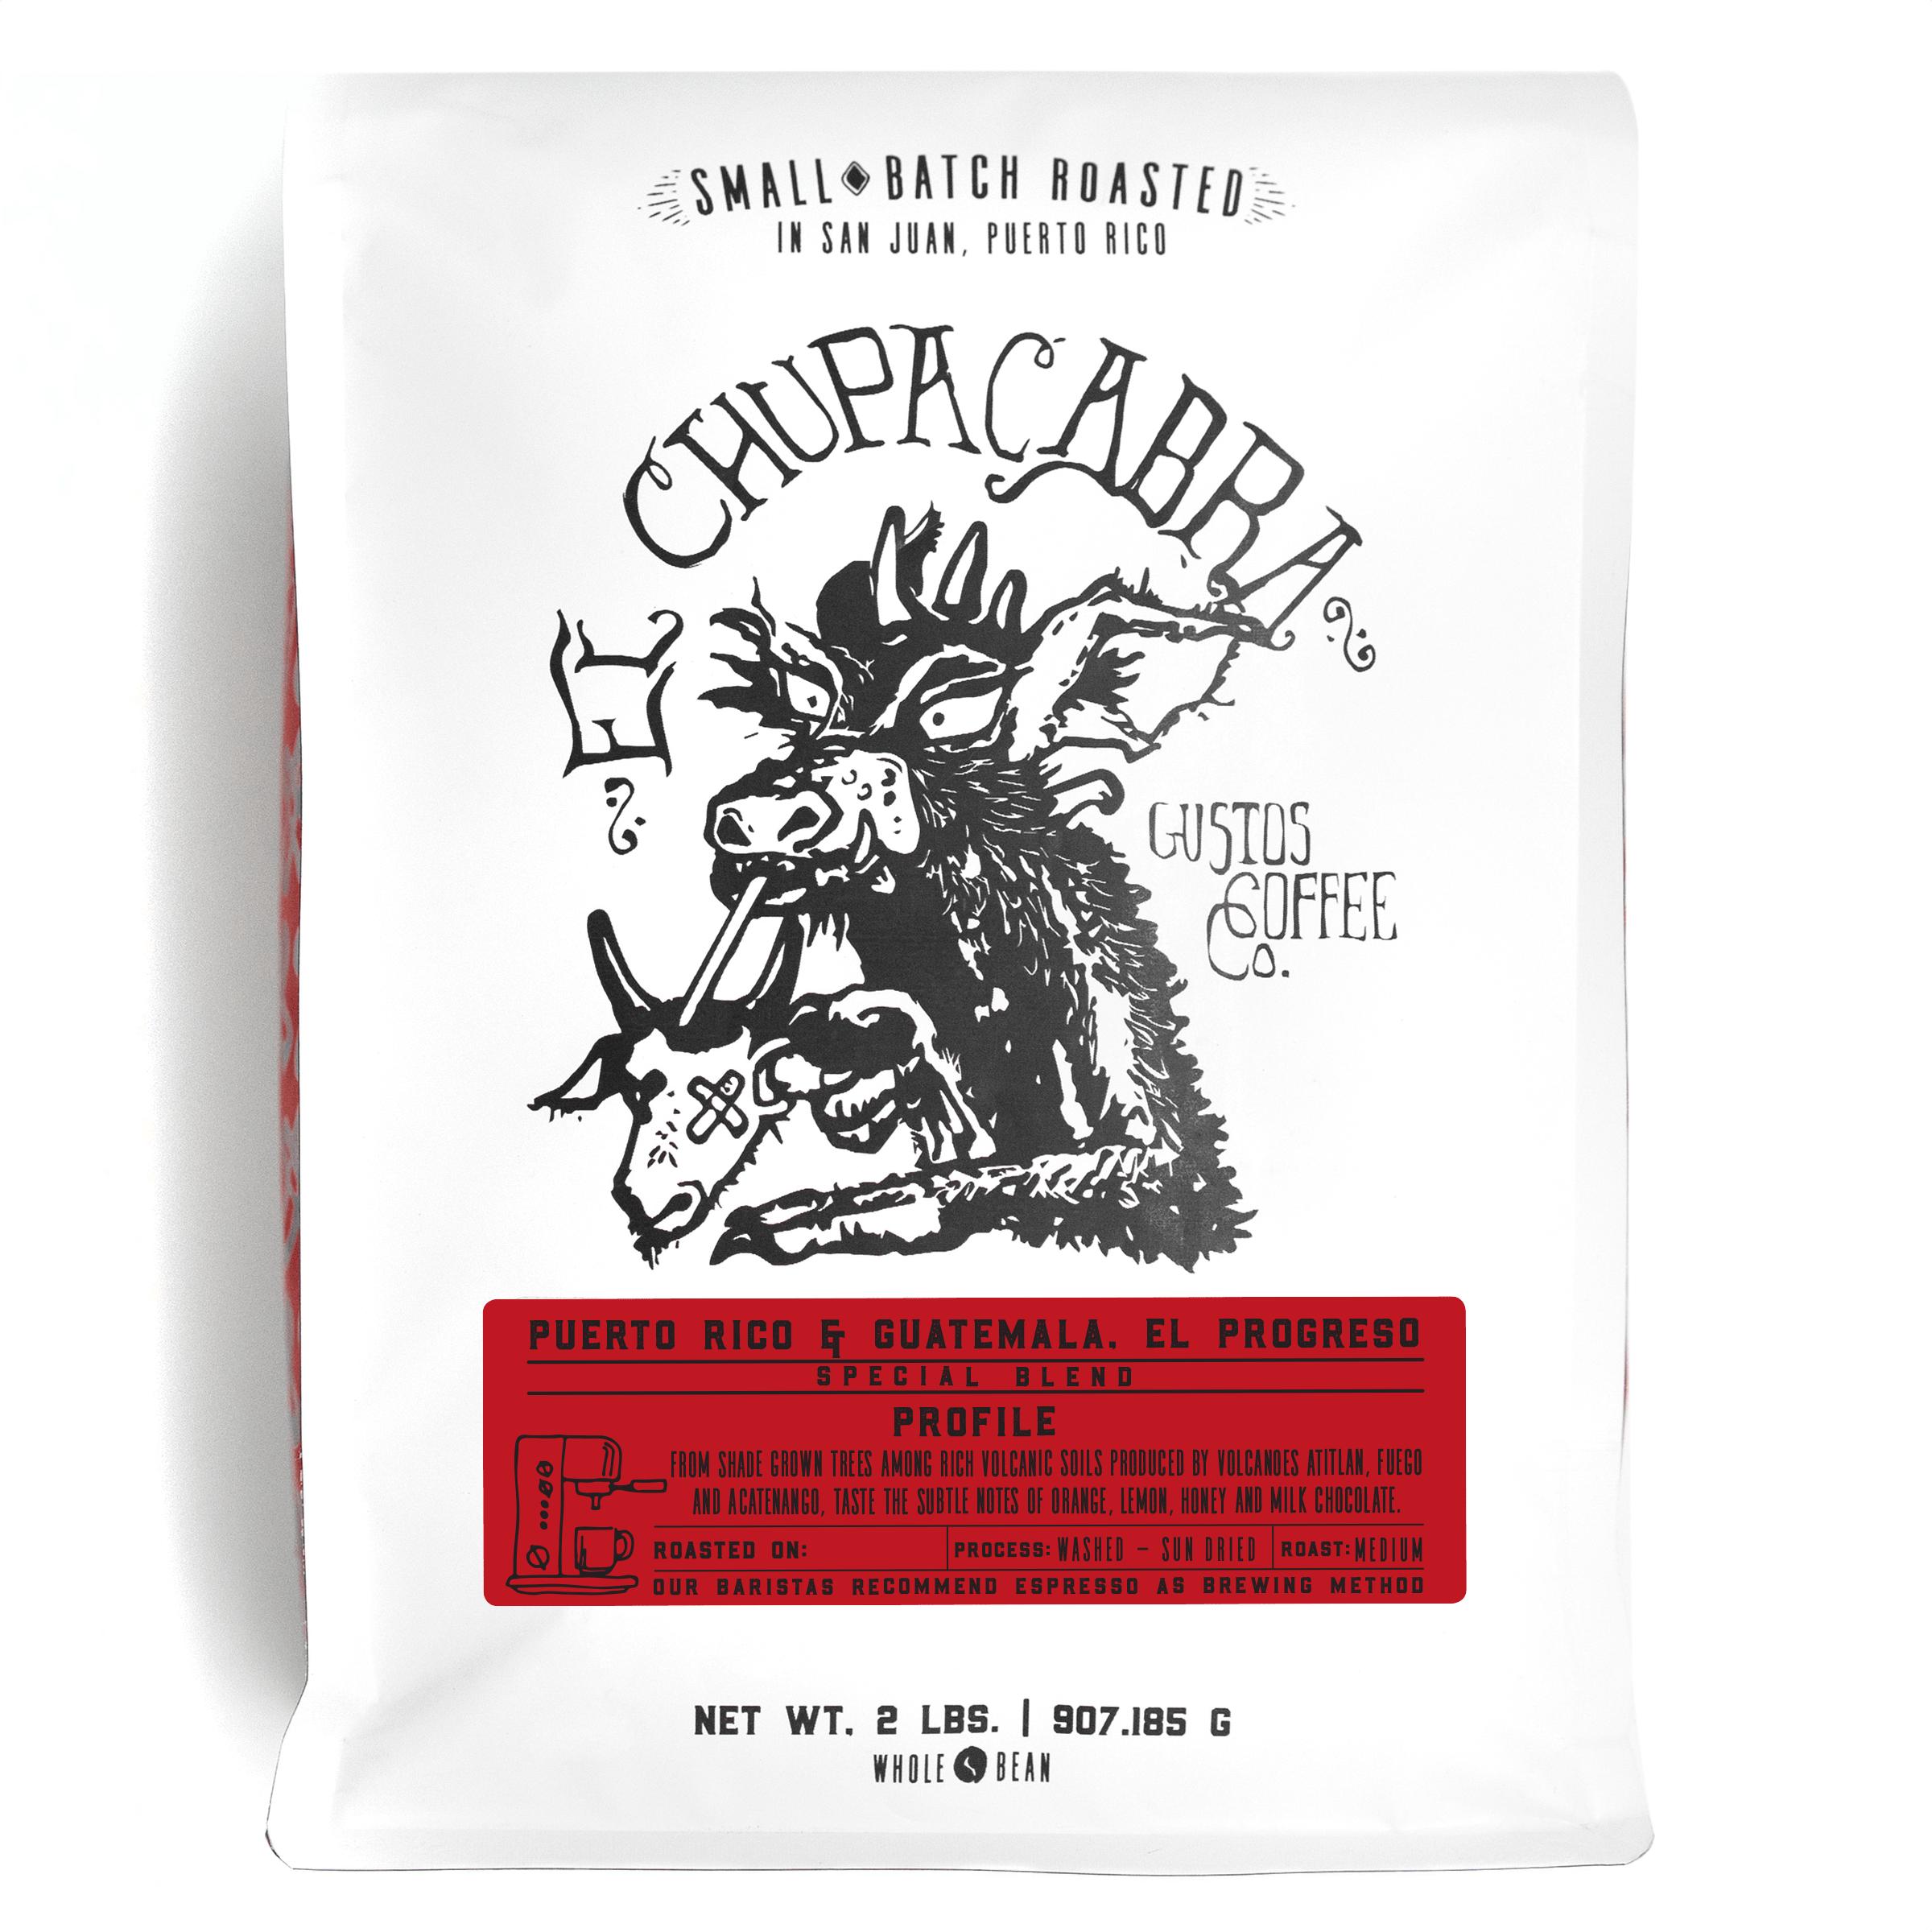 El Chupacabra cafe Yauco Puerto Rico x Guatemala Gustos Coffee Co